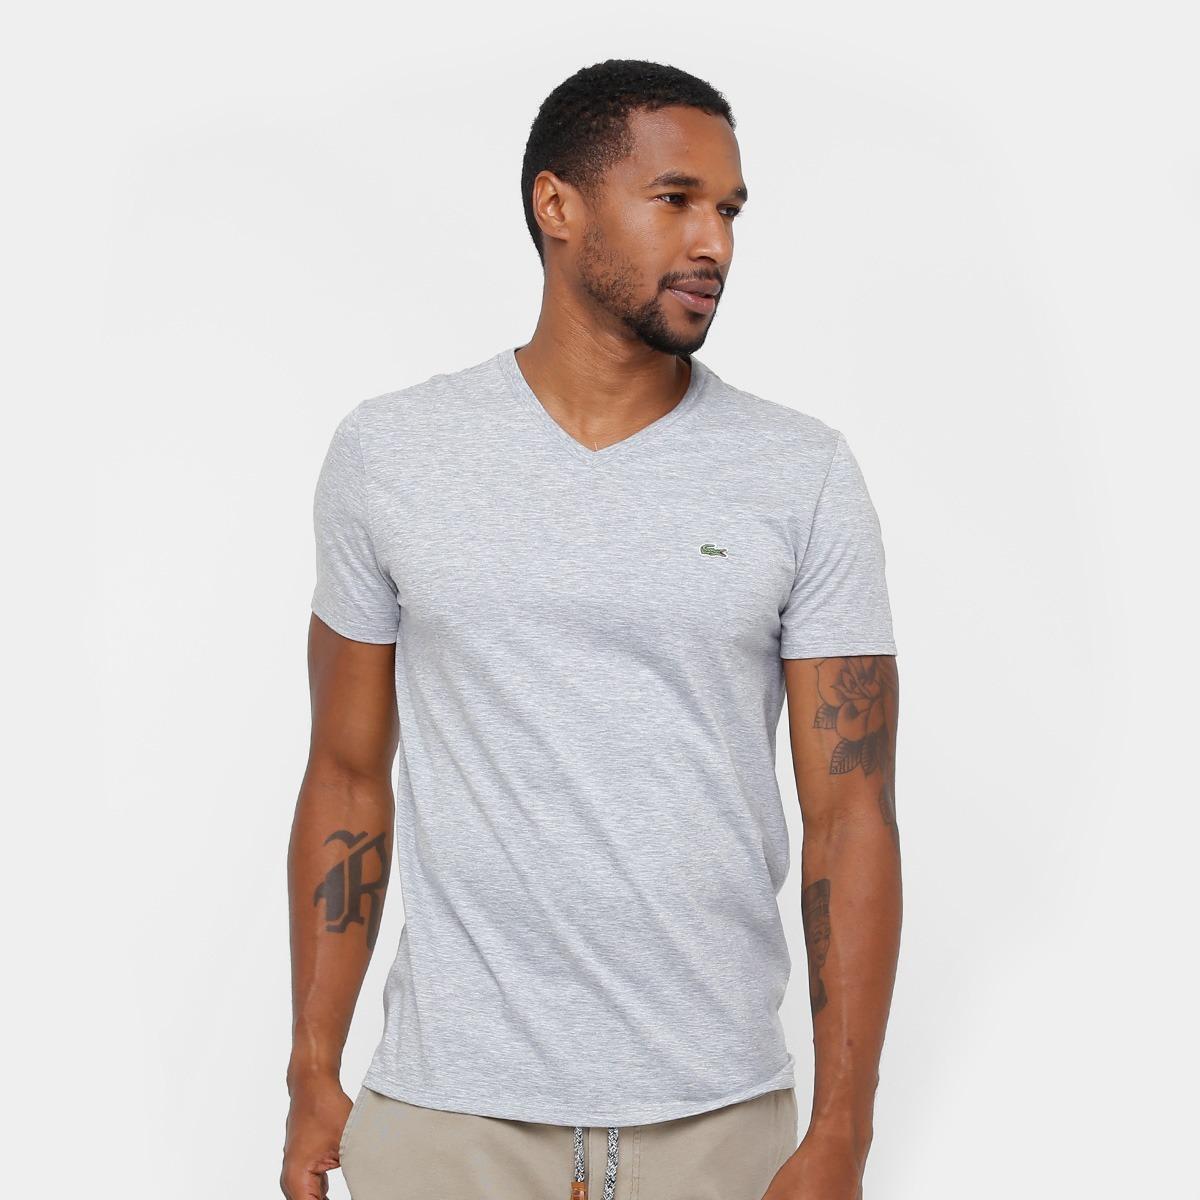 b40e50f7e6 camiseta lacoste gola v - cinza - original - frete gratis. Carregando zoom.